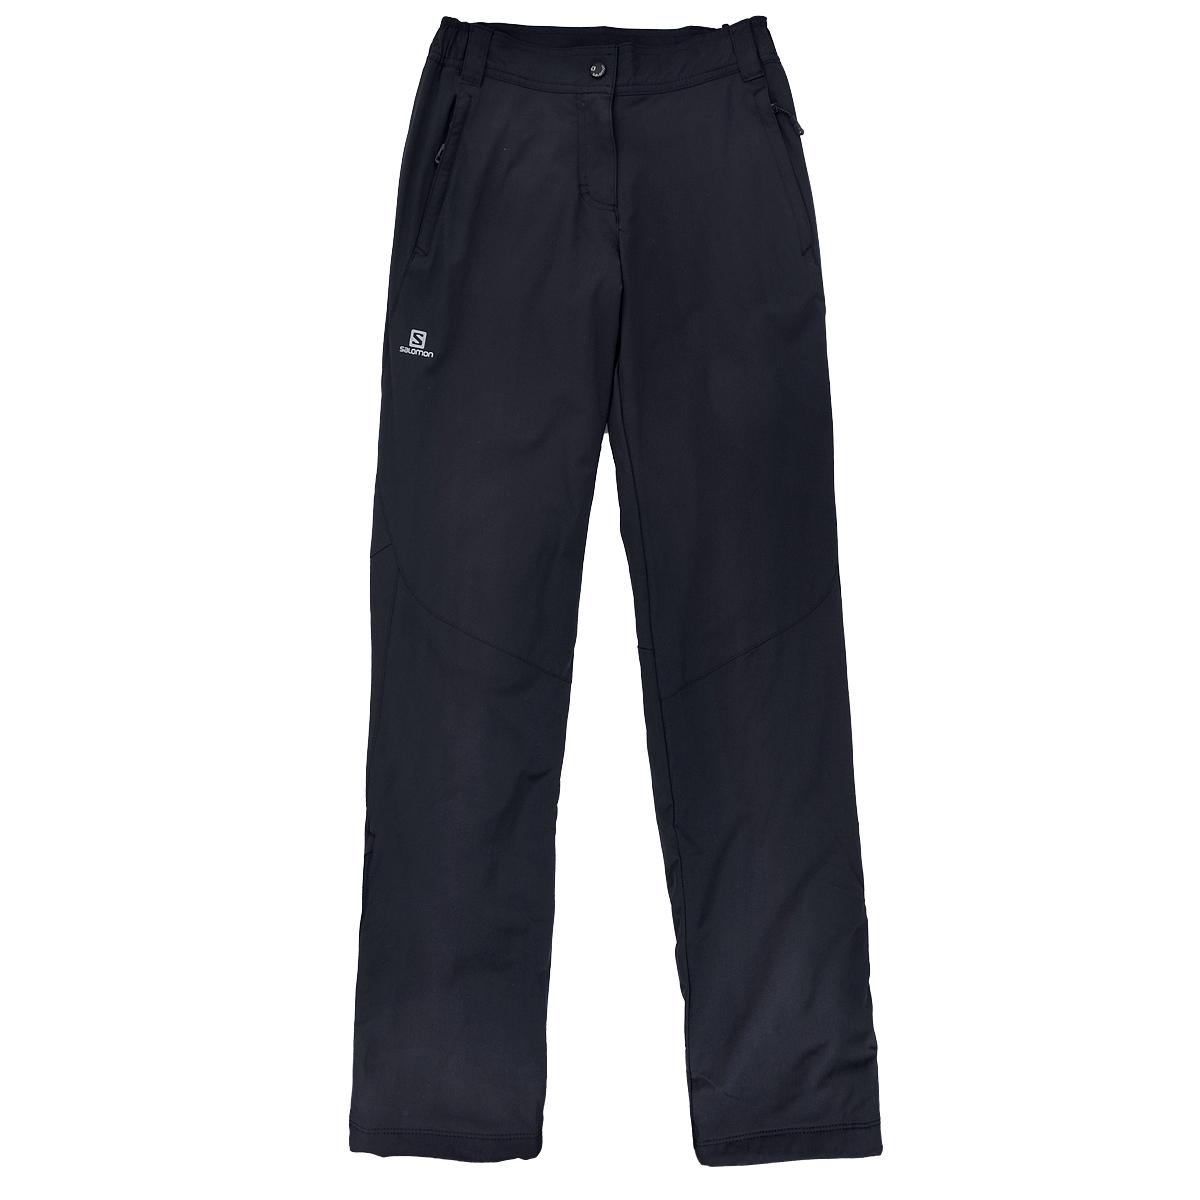 Брюки женские, утепленные Nova Softshell Pant W. L35178800L35178800Утепленные женские брюки Salomon Nova Softshell Pant W согреют вас в холодное время года. Эластичная ткань AdvancedSkin Shield с двойным плетением лучше защищает от ветра, но при этом остается мягкой и отлично пропускает воздух. Утеплитель Advan ced Skin Warm Insulate d 40 г/м2. Брюки Softshell имеют непродуваемый слой на передней части, тогда как задняя часть сделана из теплой, эластичной ткани. Идеально подходят для тренировок на морозе, а благодаря стилю Casual и карманам на молнии их можно носить куда угодно в зимний сезон. Классический покрой Regular fit обеспечивает комфорт при носке. Модель прямого покроя имеет ширинку на застежке-молнии, на поясе застегивается на металлическую кнопку, имеются шлевки для ремня. По бокам на поясе - эластичные резинки для лучшего прилегания. Брючины по бокам снизу дополнены застежками молниями. Имеются утяжки со стопперами. Утепленные брюки - вариант для тех, кто любит ощущать комфорт при занятии спортом или просто на прогулке в...